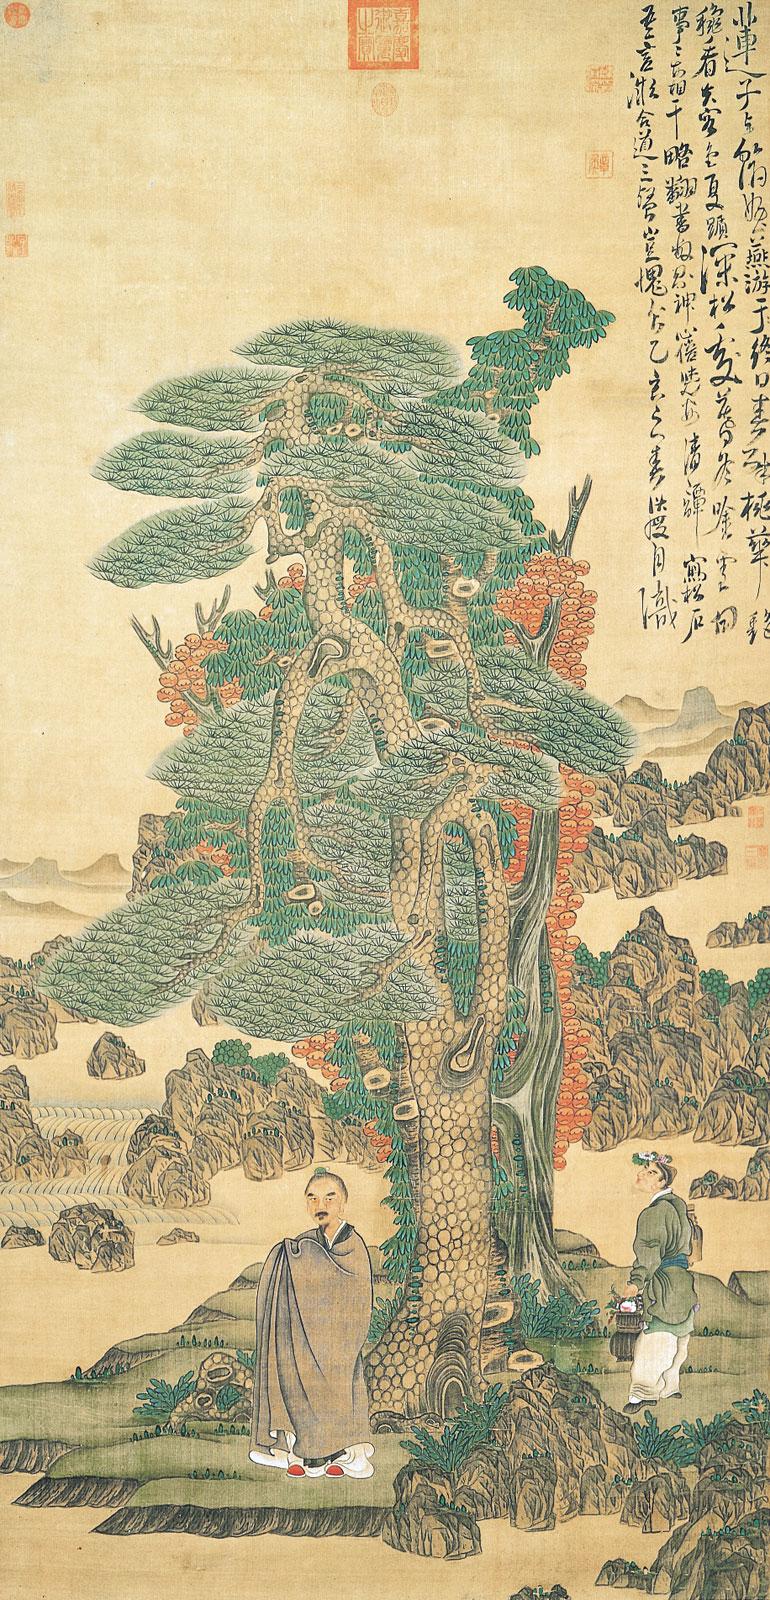 Pine and Logevity